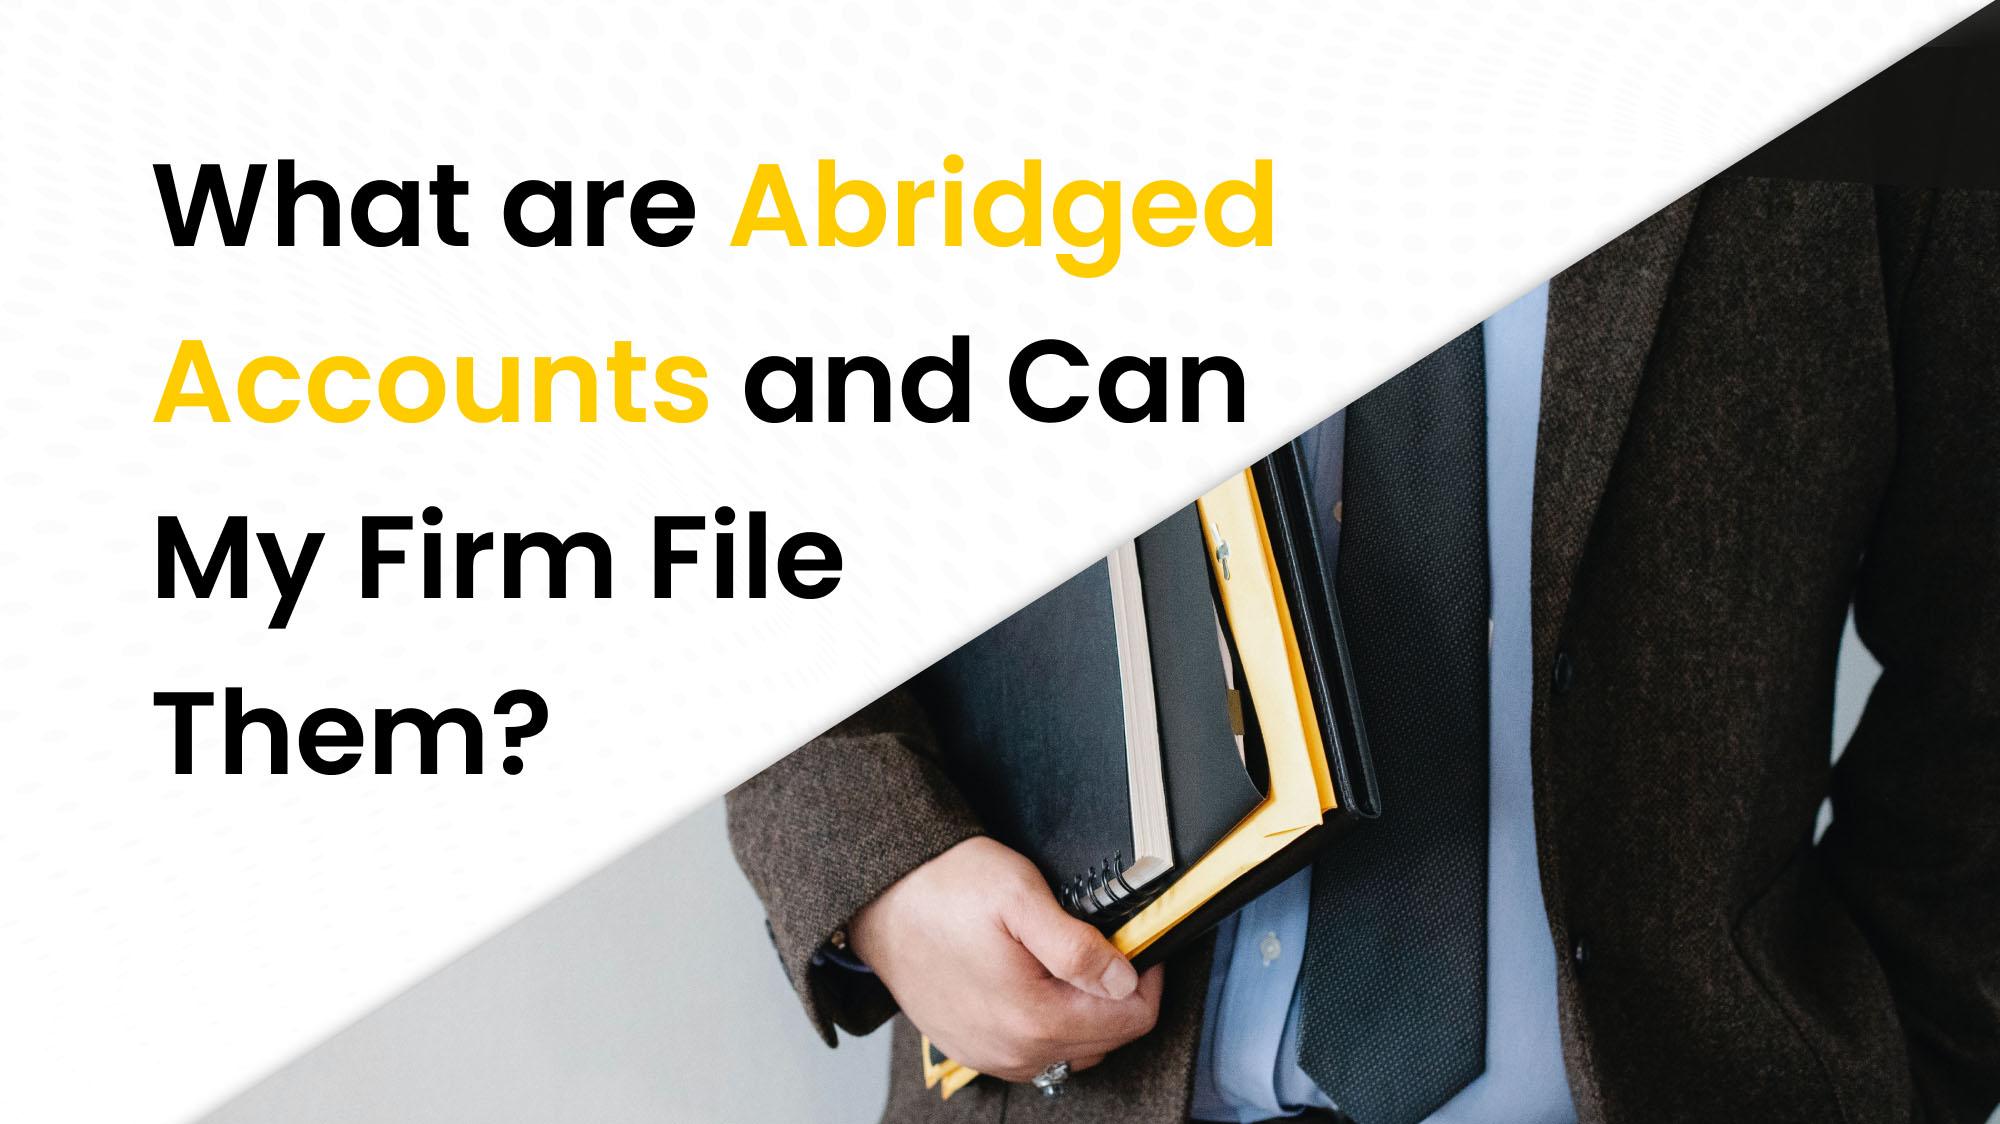 Abridged accounts